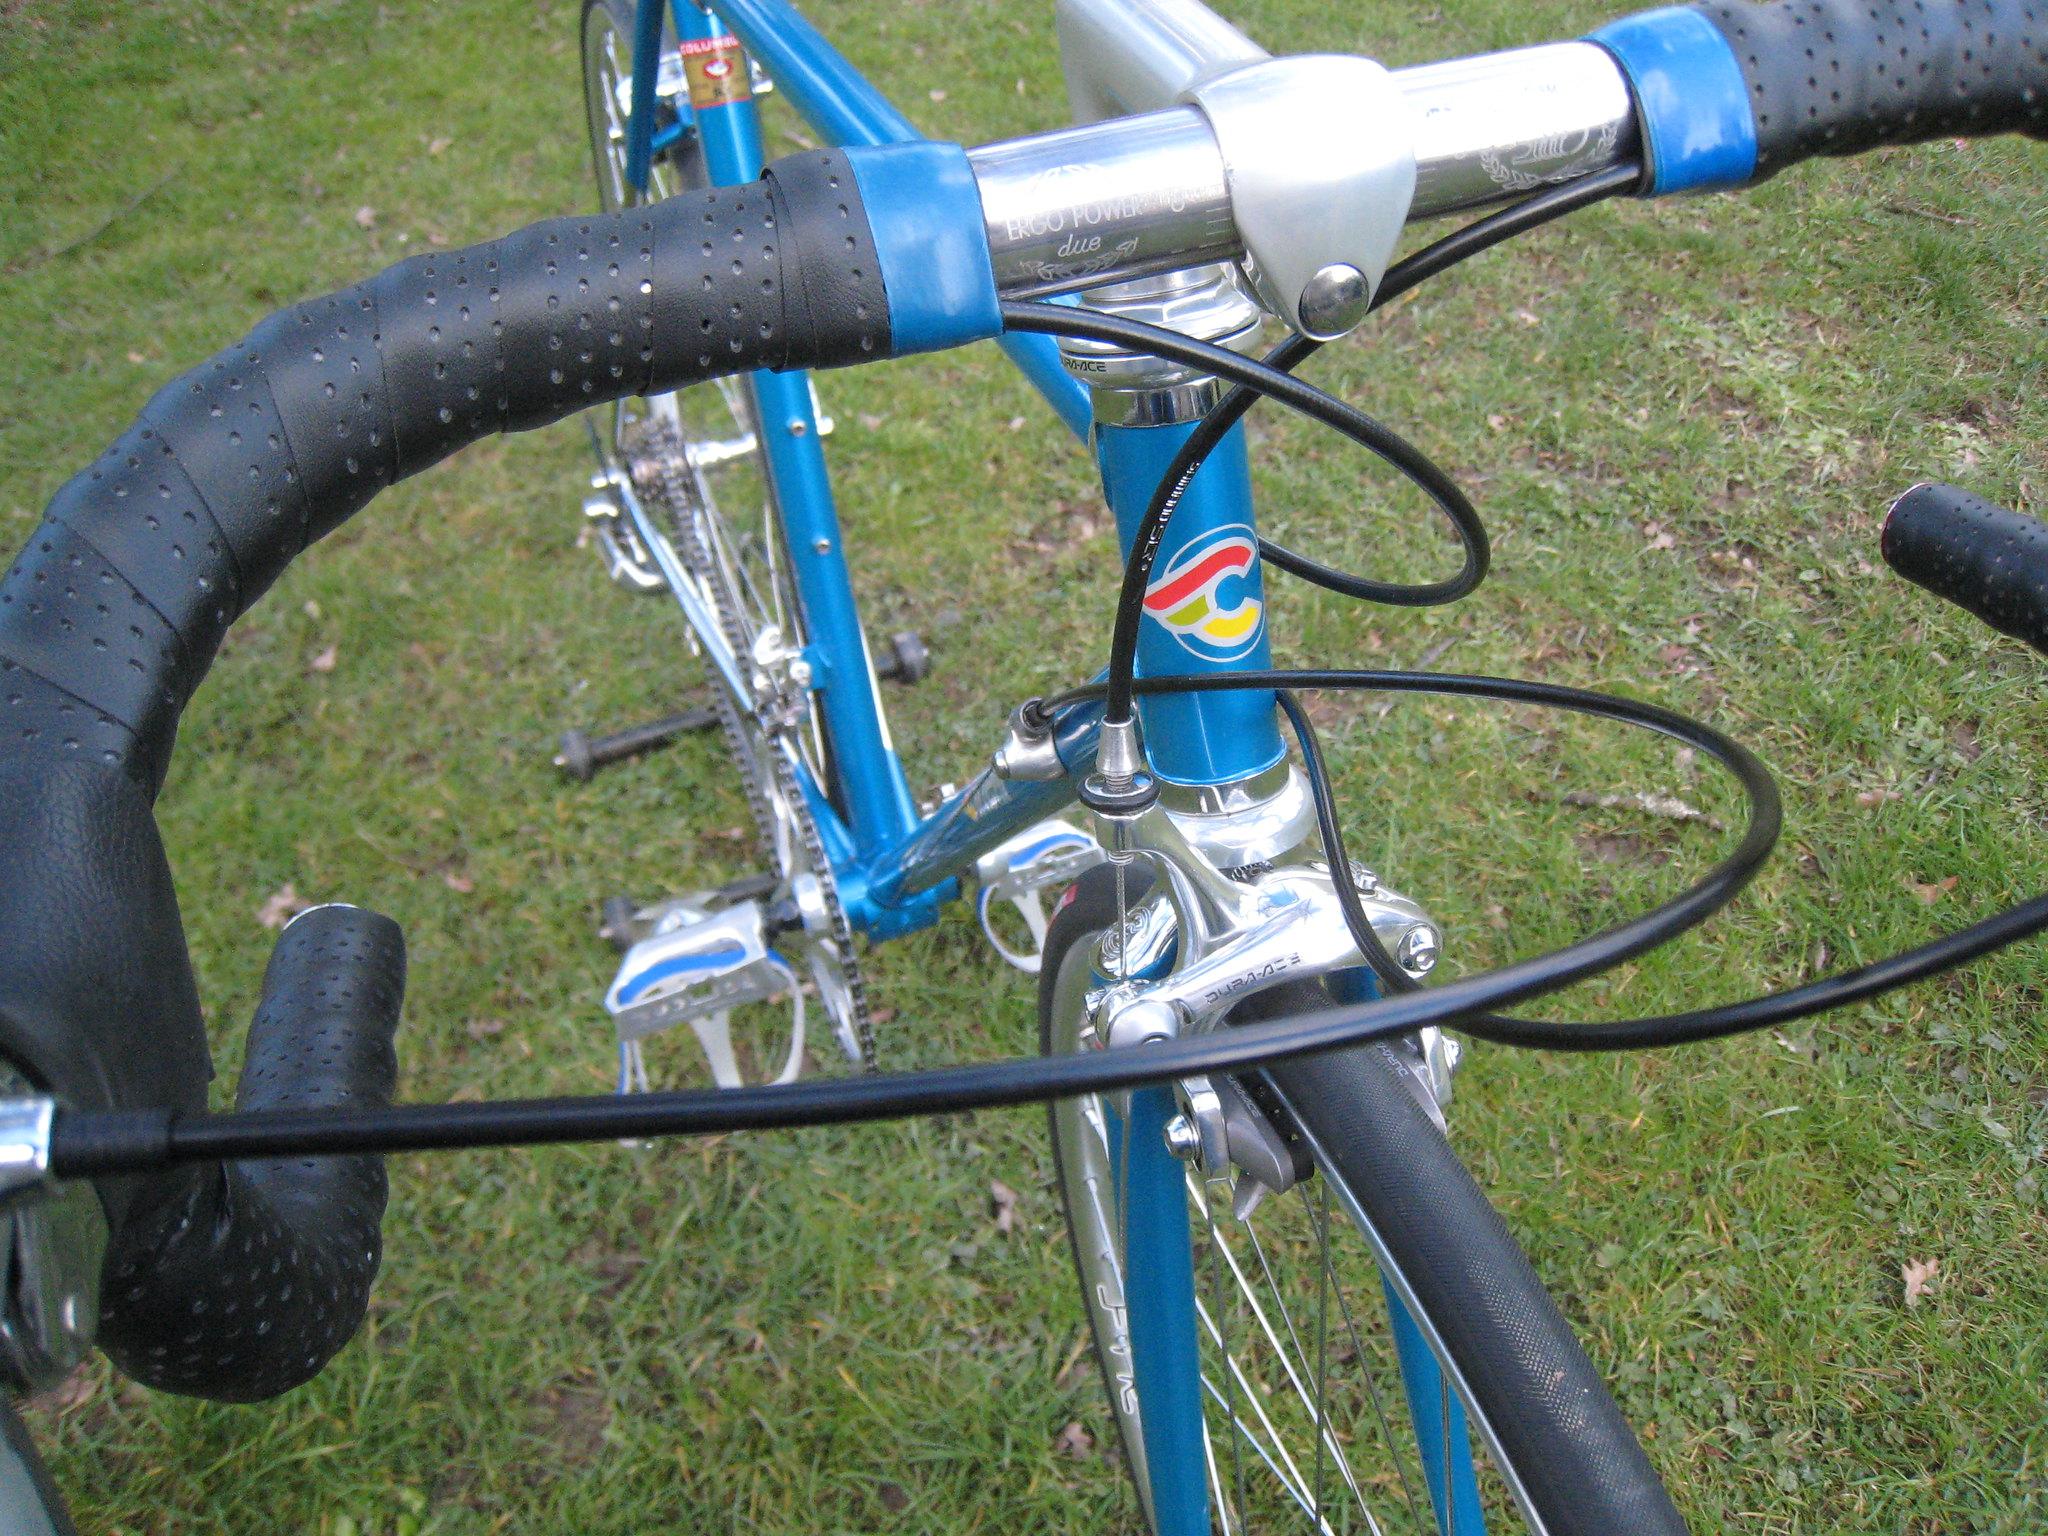 Cinelli Super Corsa. Une semaine un vélo. 40765379682_f76aef4b14_k